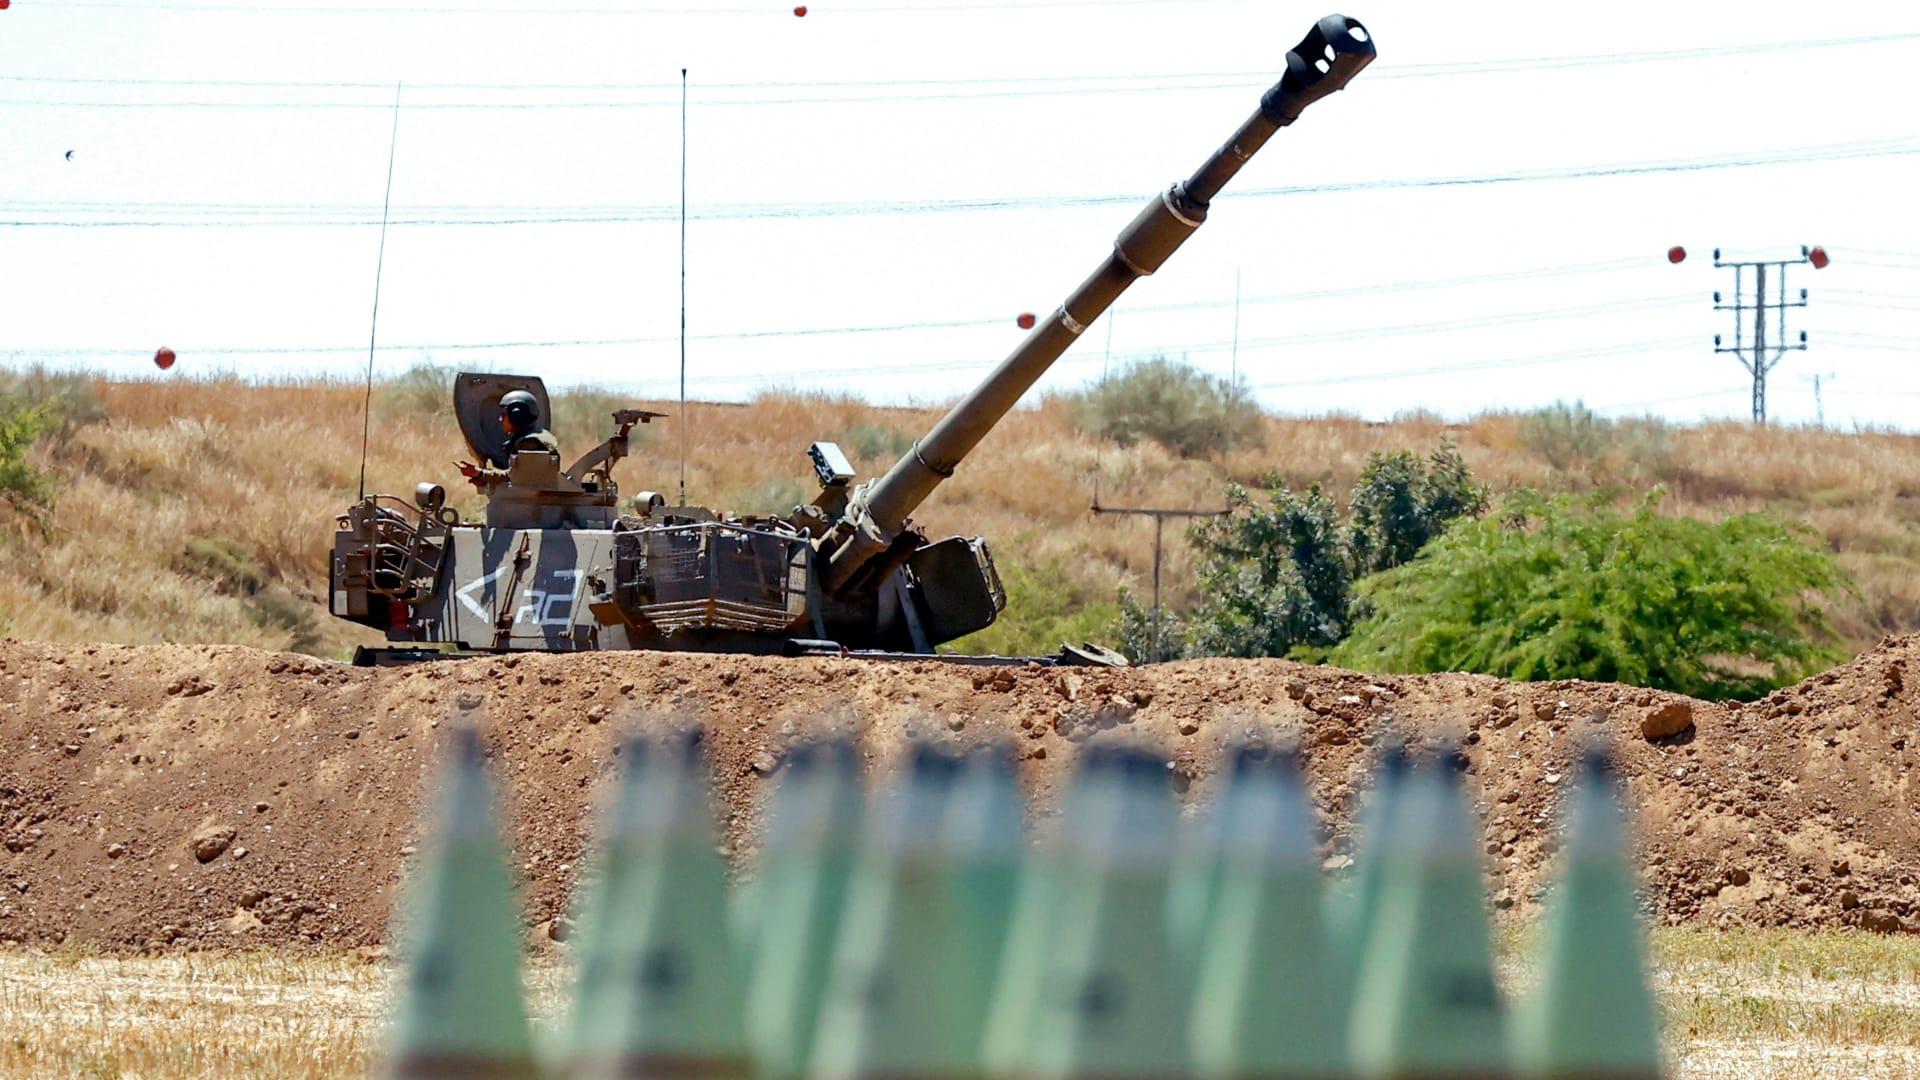 رايتس ووتش تتهم إسرائيل بارتكاب جرائم حرب في هجوم على غزة